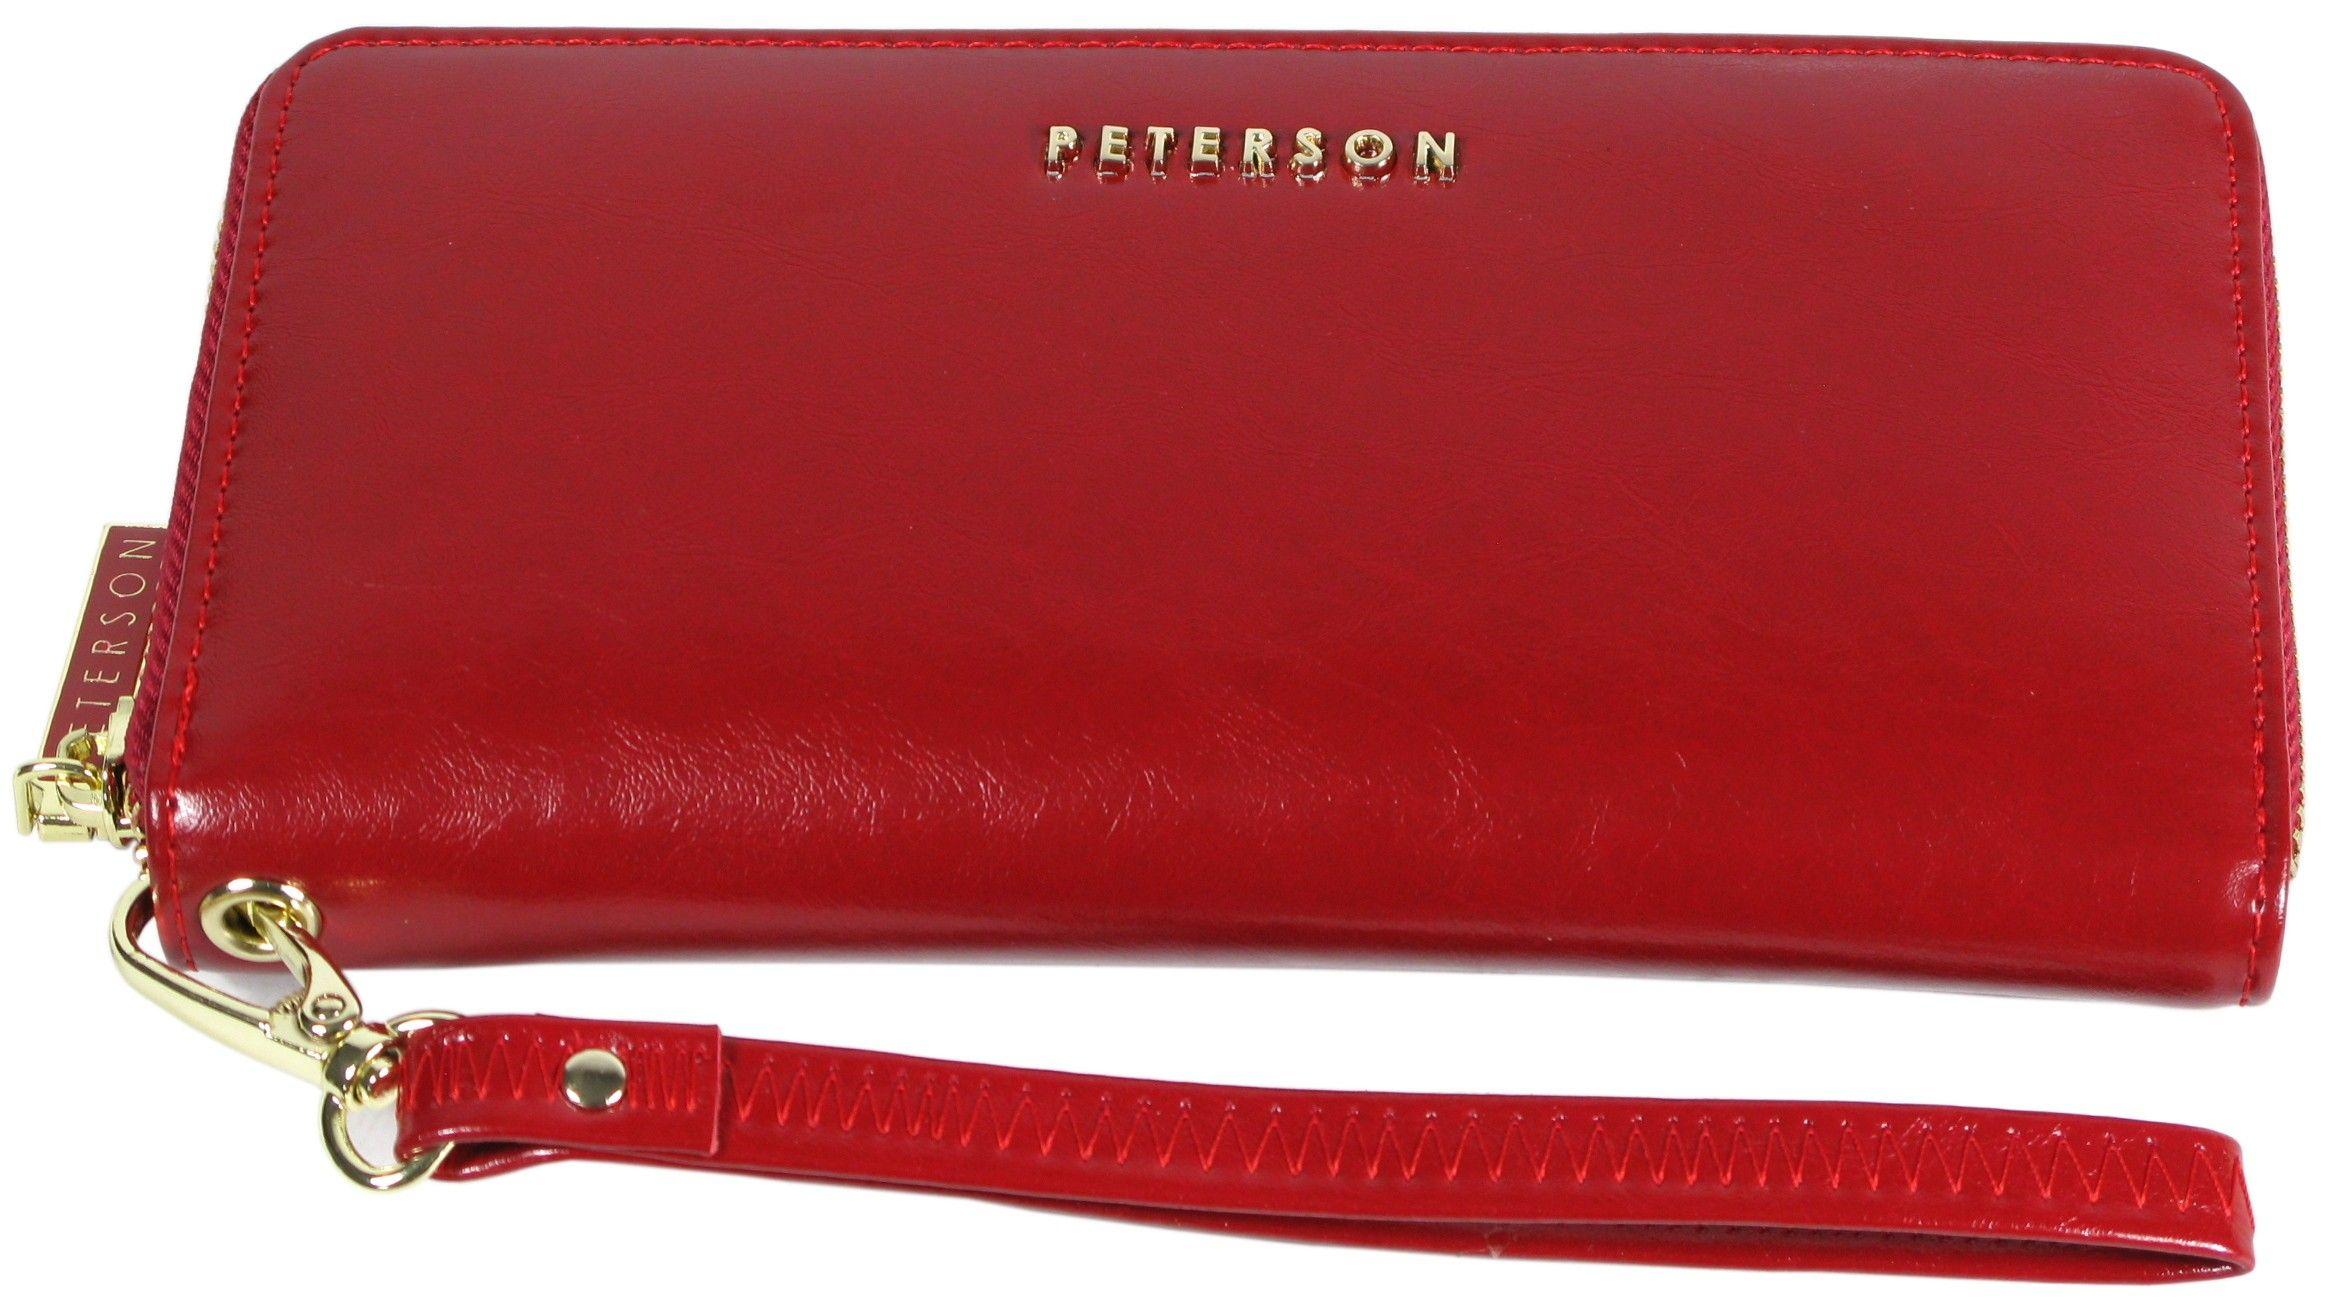 678bfd48293e0 ... portfel damski skórzany allegro czerwony peterson lakierowany